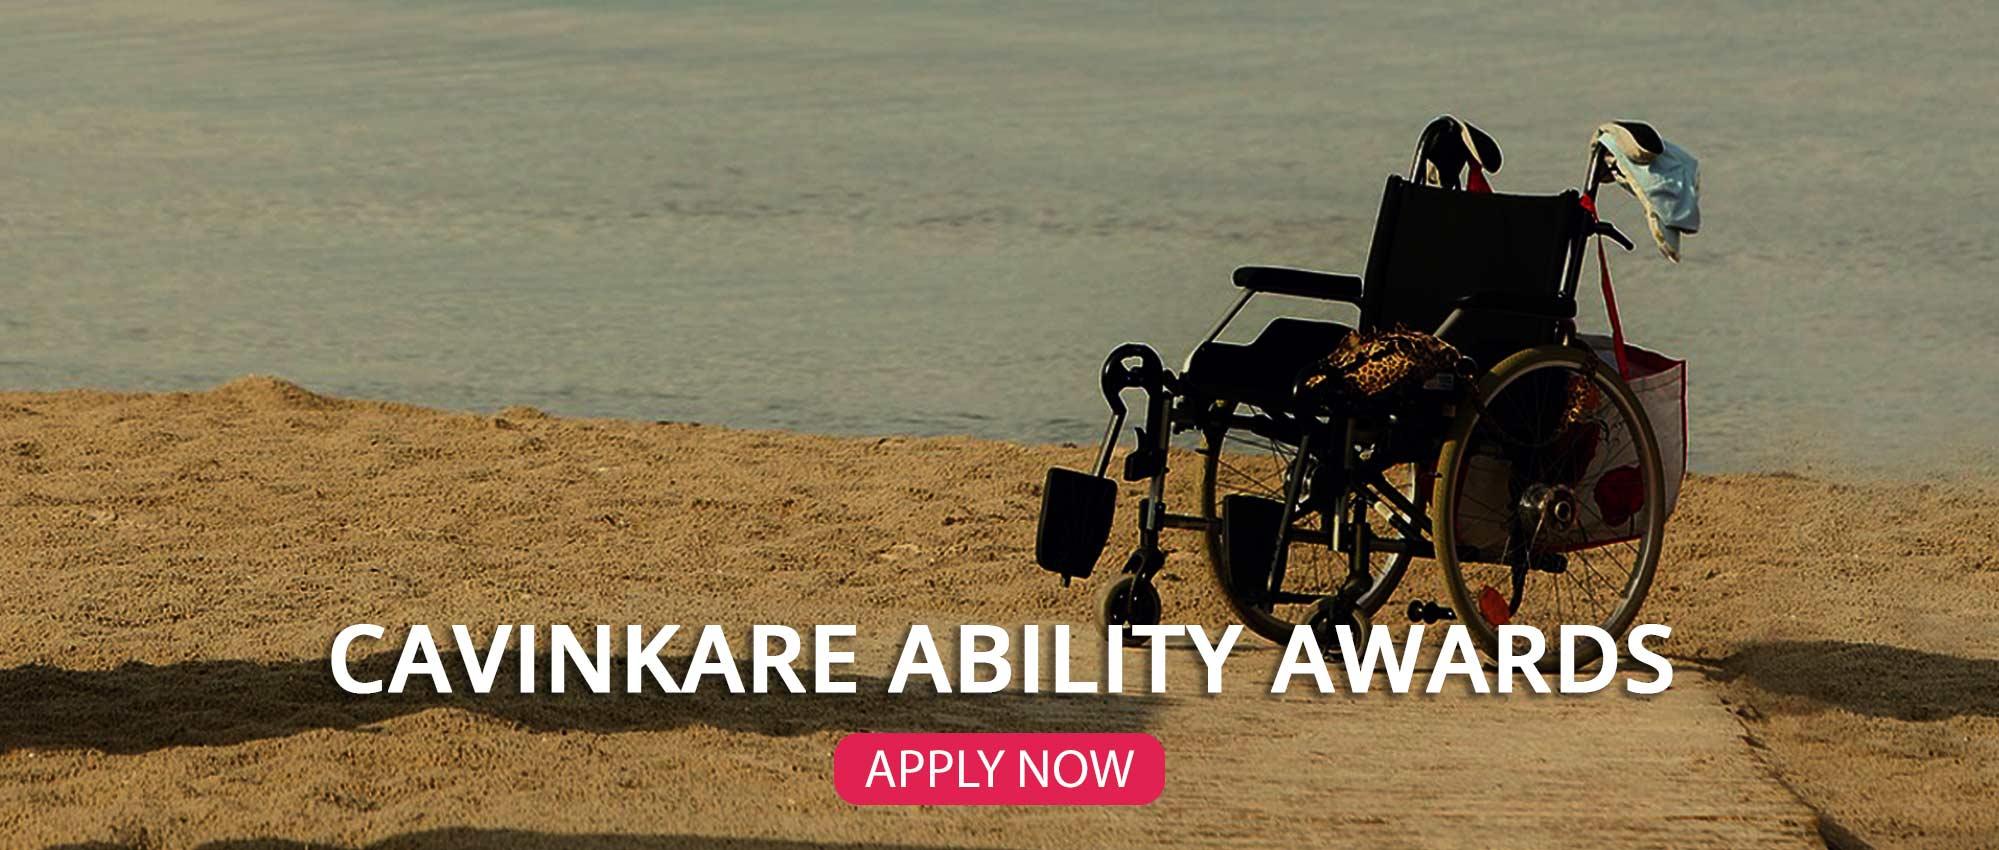 Ability Award 2015